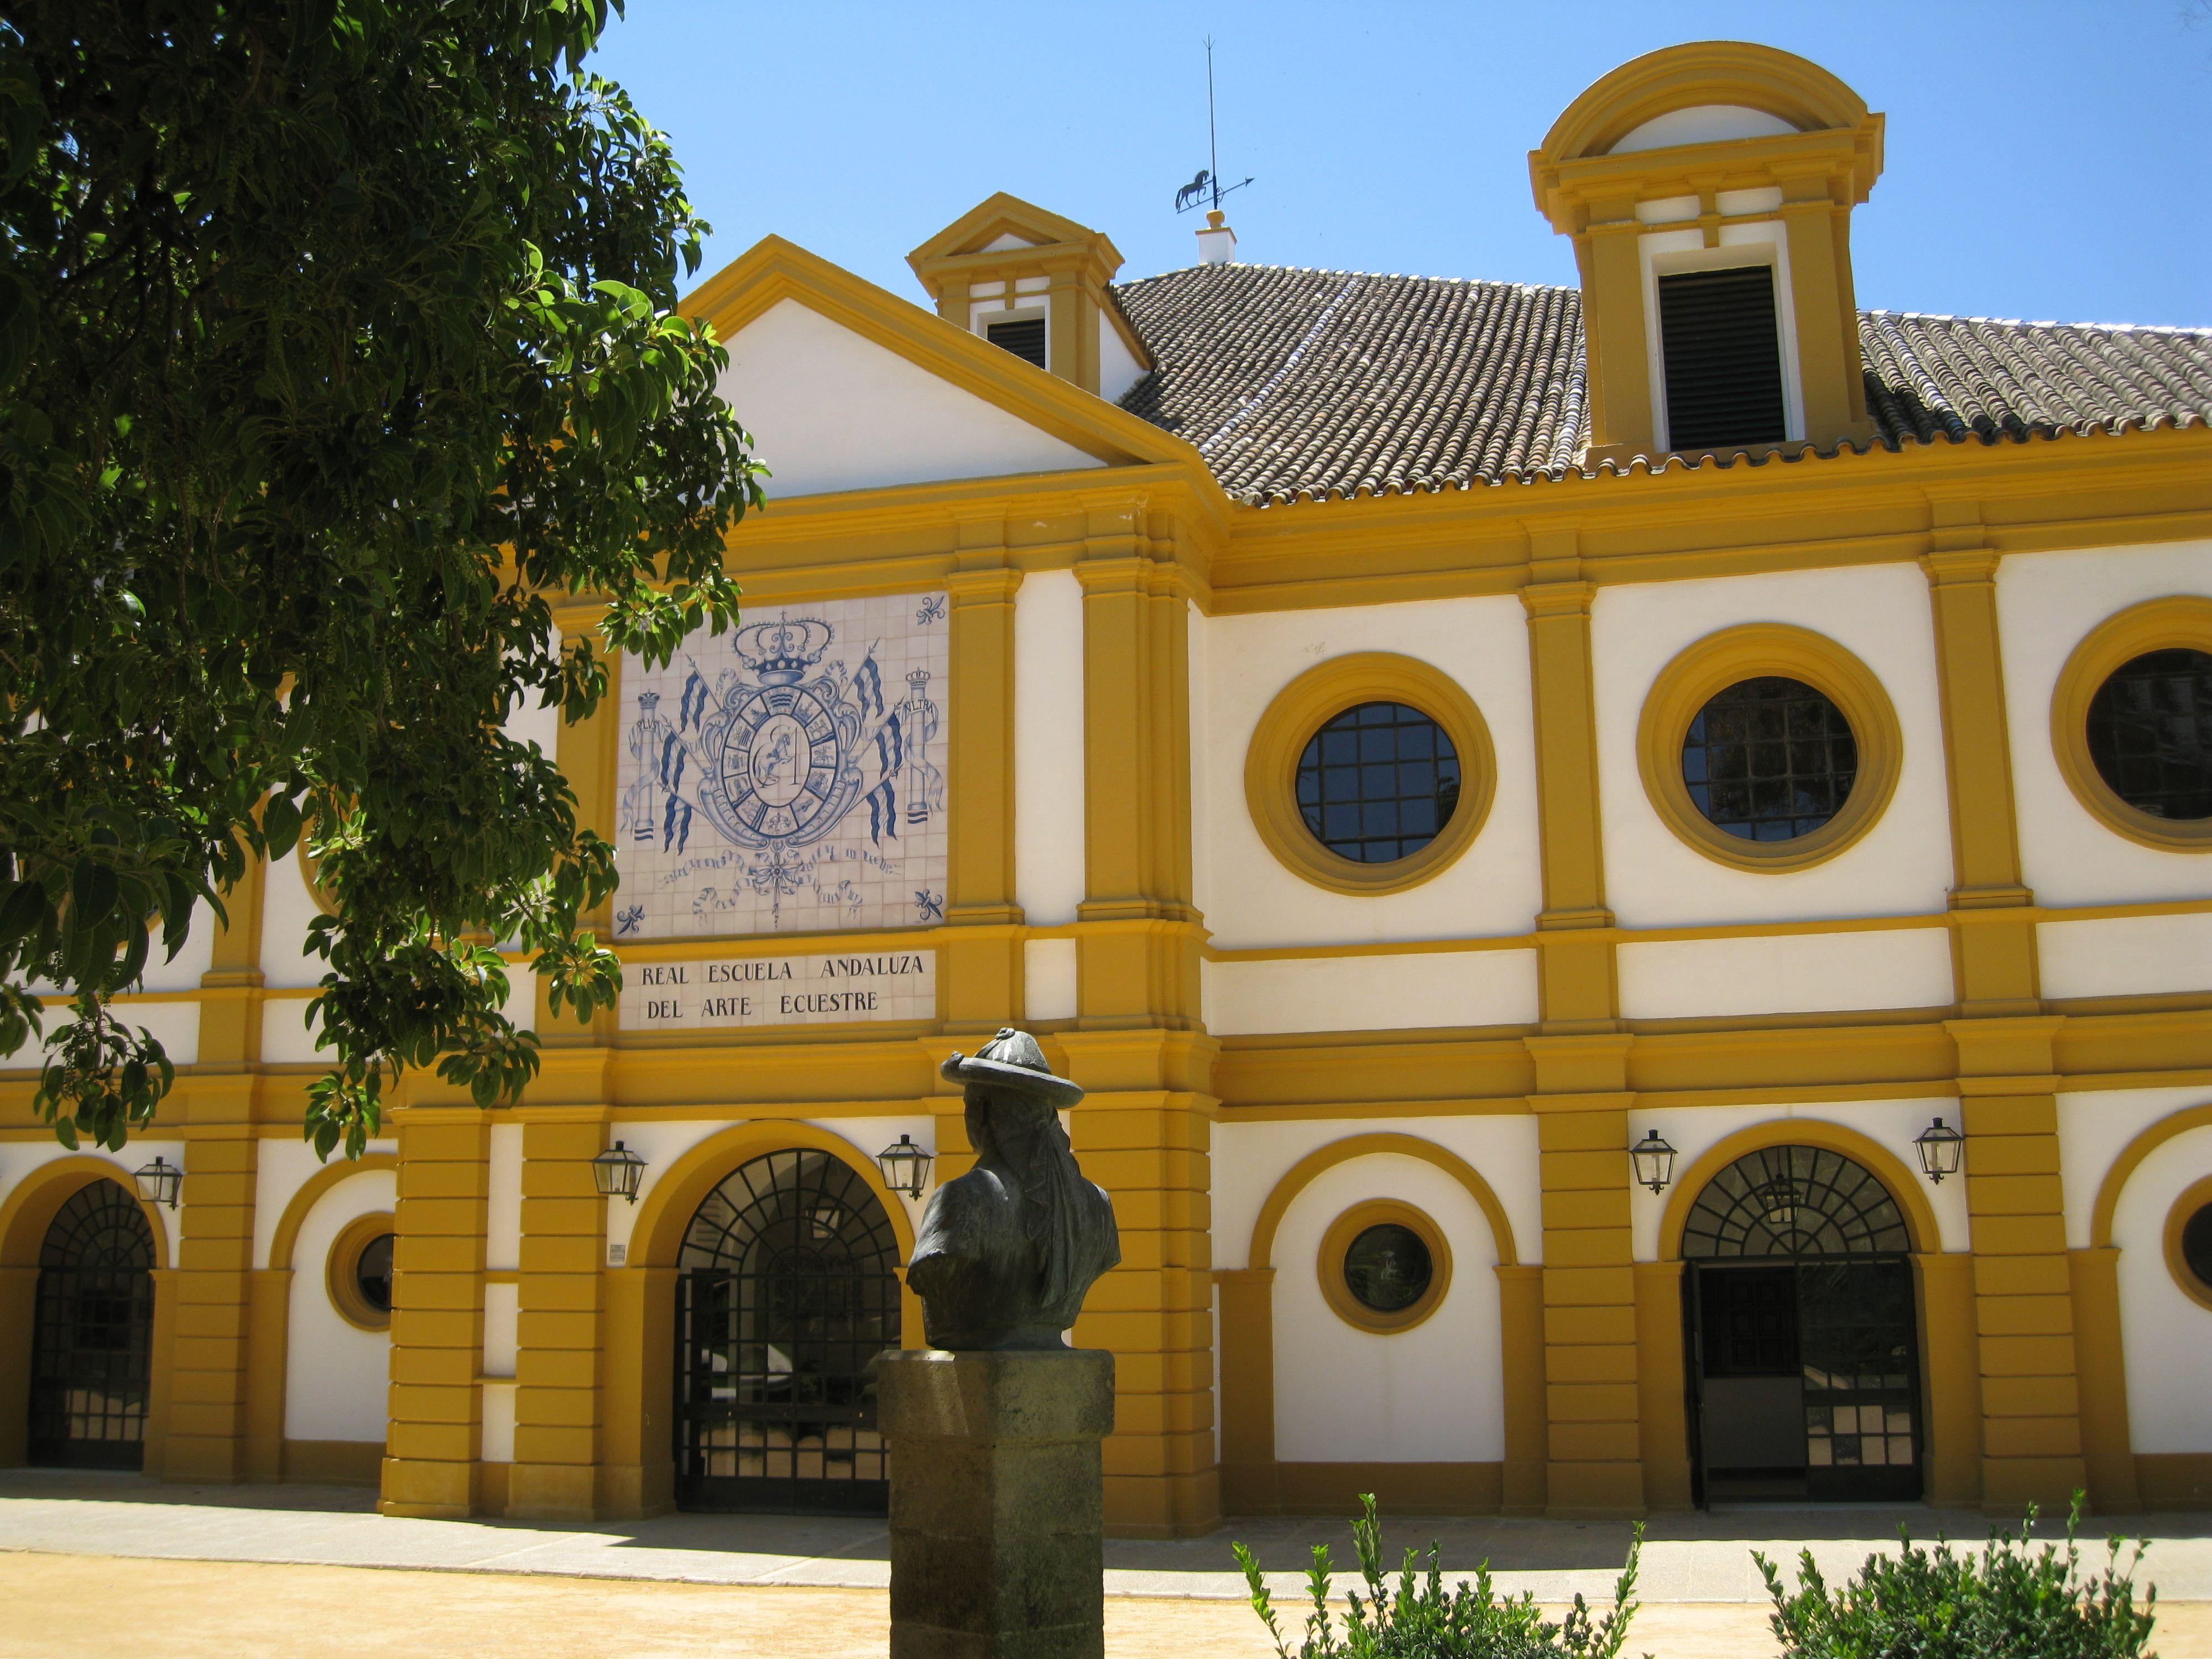 Real Escuela Andaluza Del Arte Ecuestre Jerez De La Frontera Arte Ecuestre Cádiz Andalucía